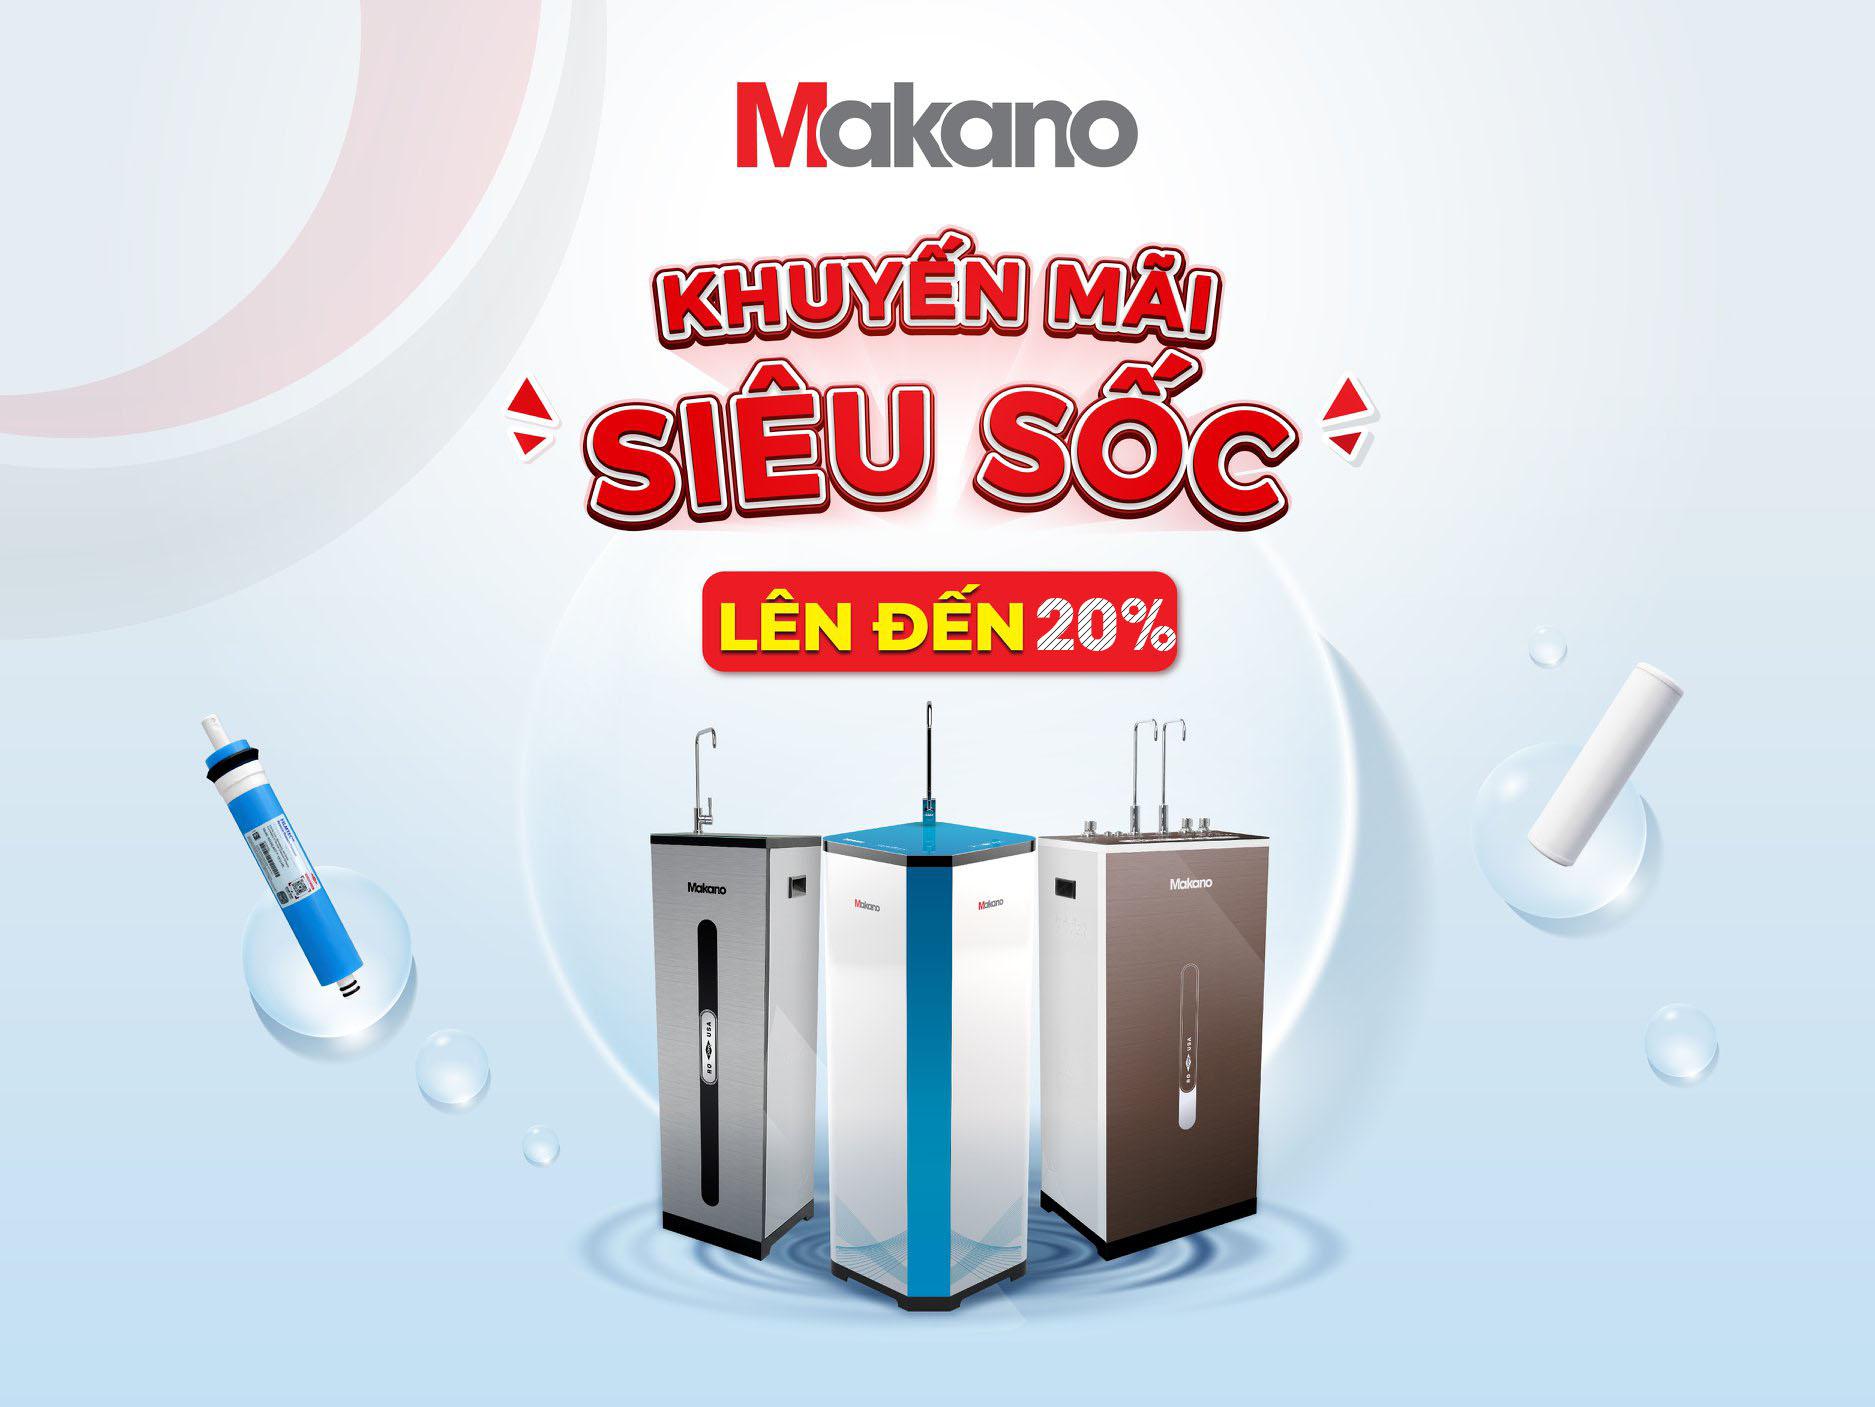 Khuyến mãi 20% khi mua máy lọc nước Makano